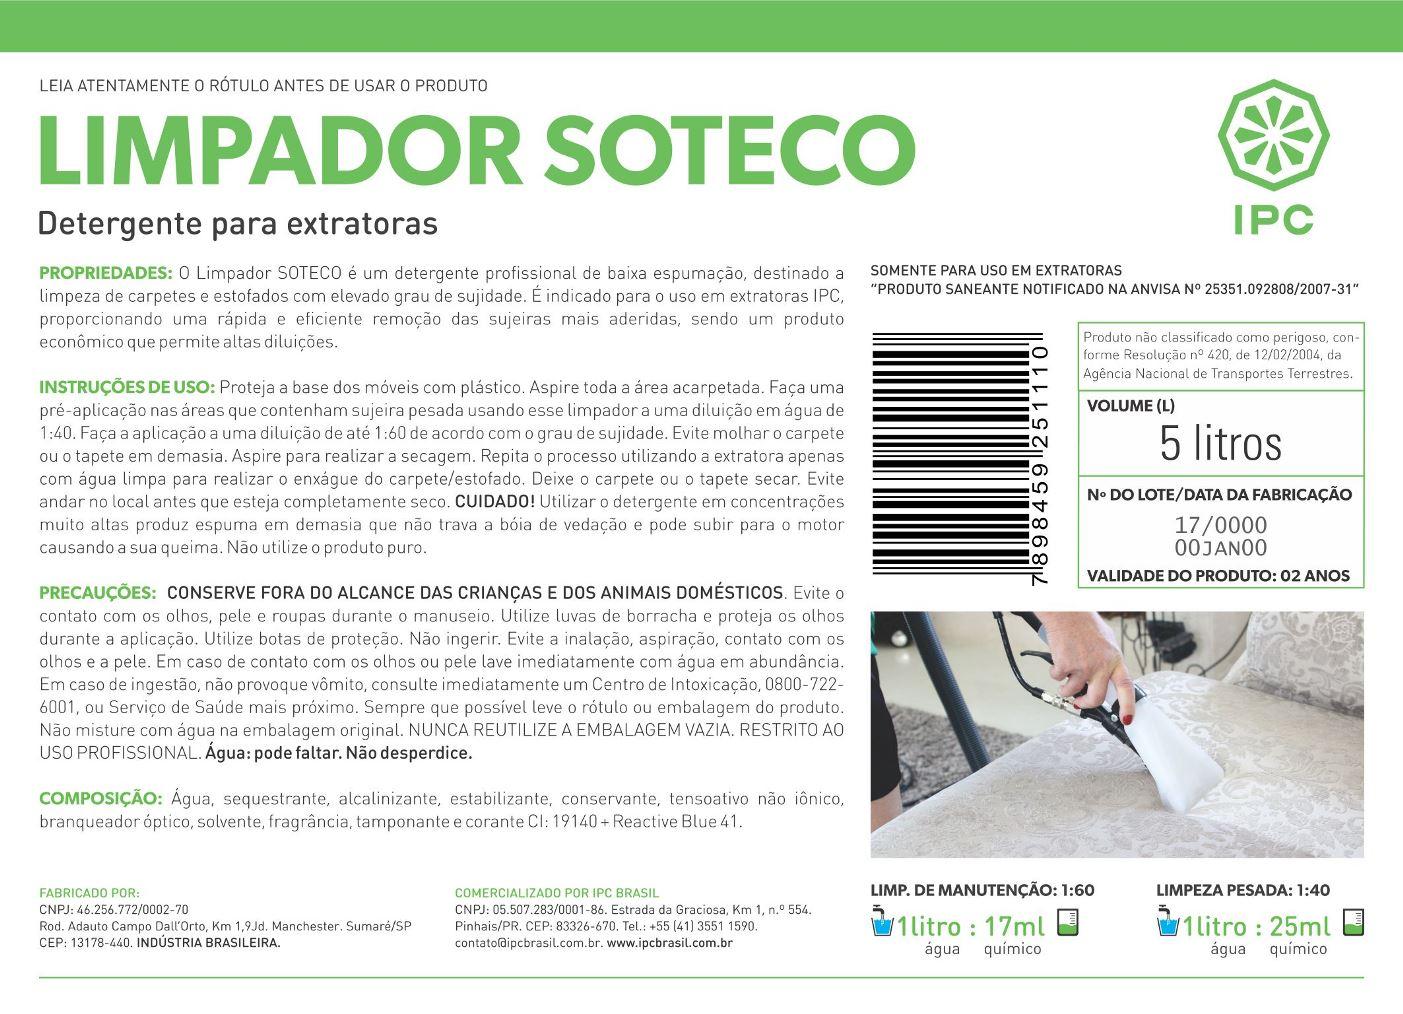 Limpador SOTECO de Carpete por Extração - IPC SOTECO